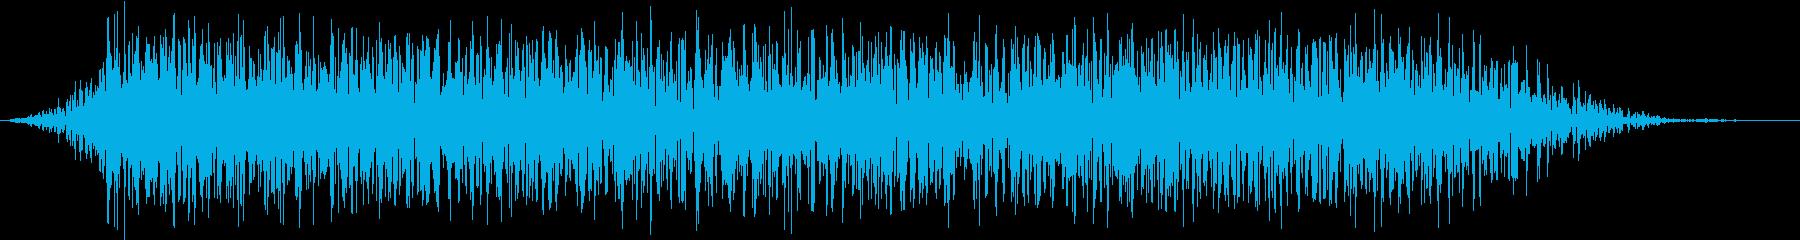 モンスター 悲鳴 50の再生済みの波形